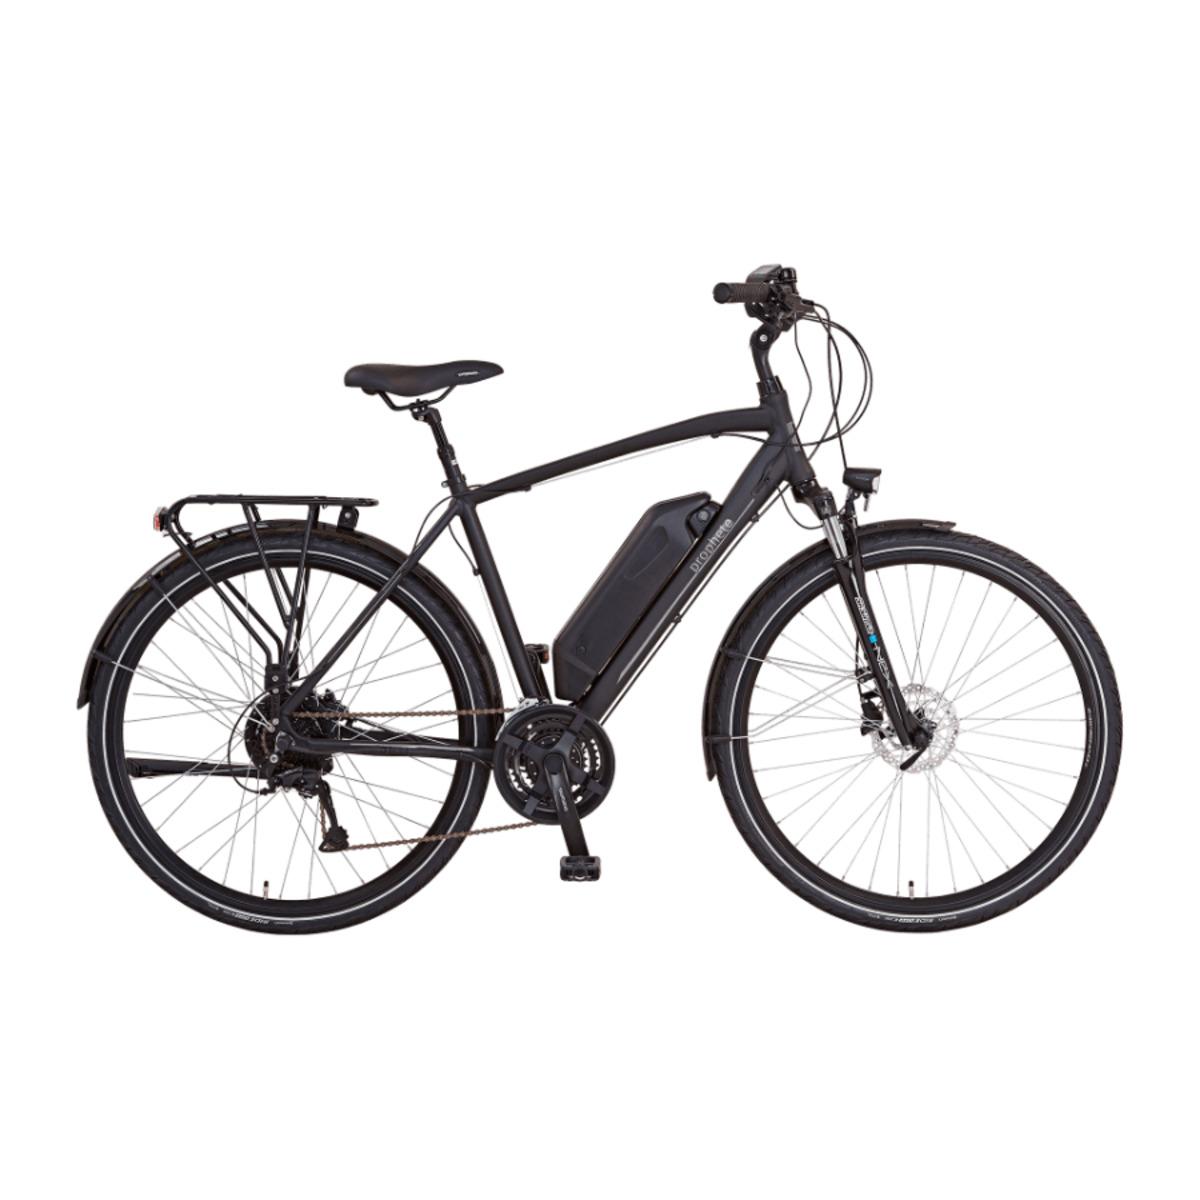 """Bild 1 von Prophete Trekking E-Bike 28"""" (71 cm)"""